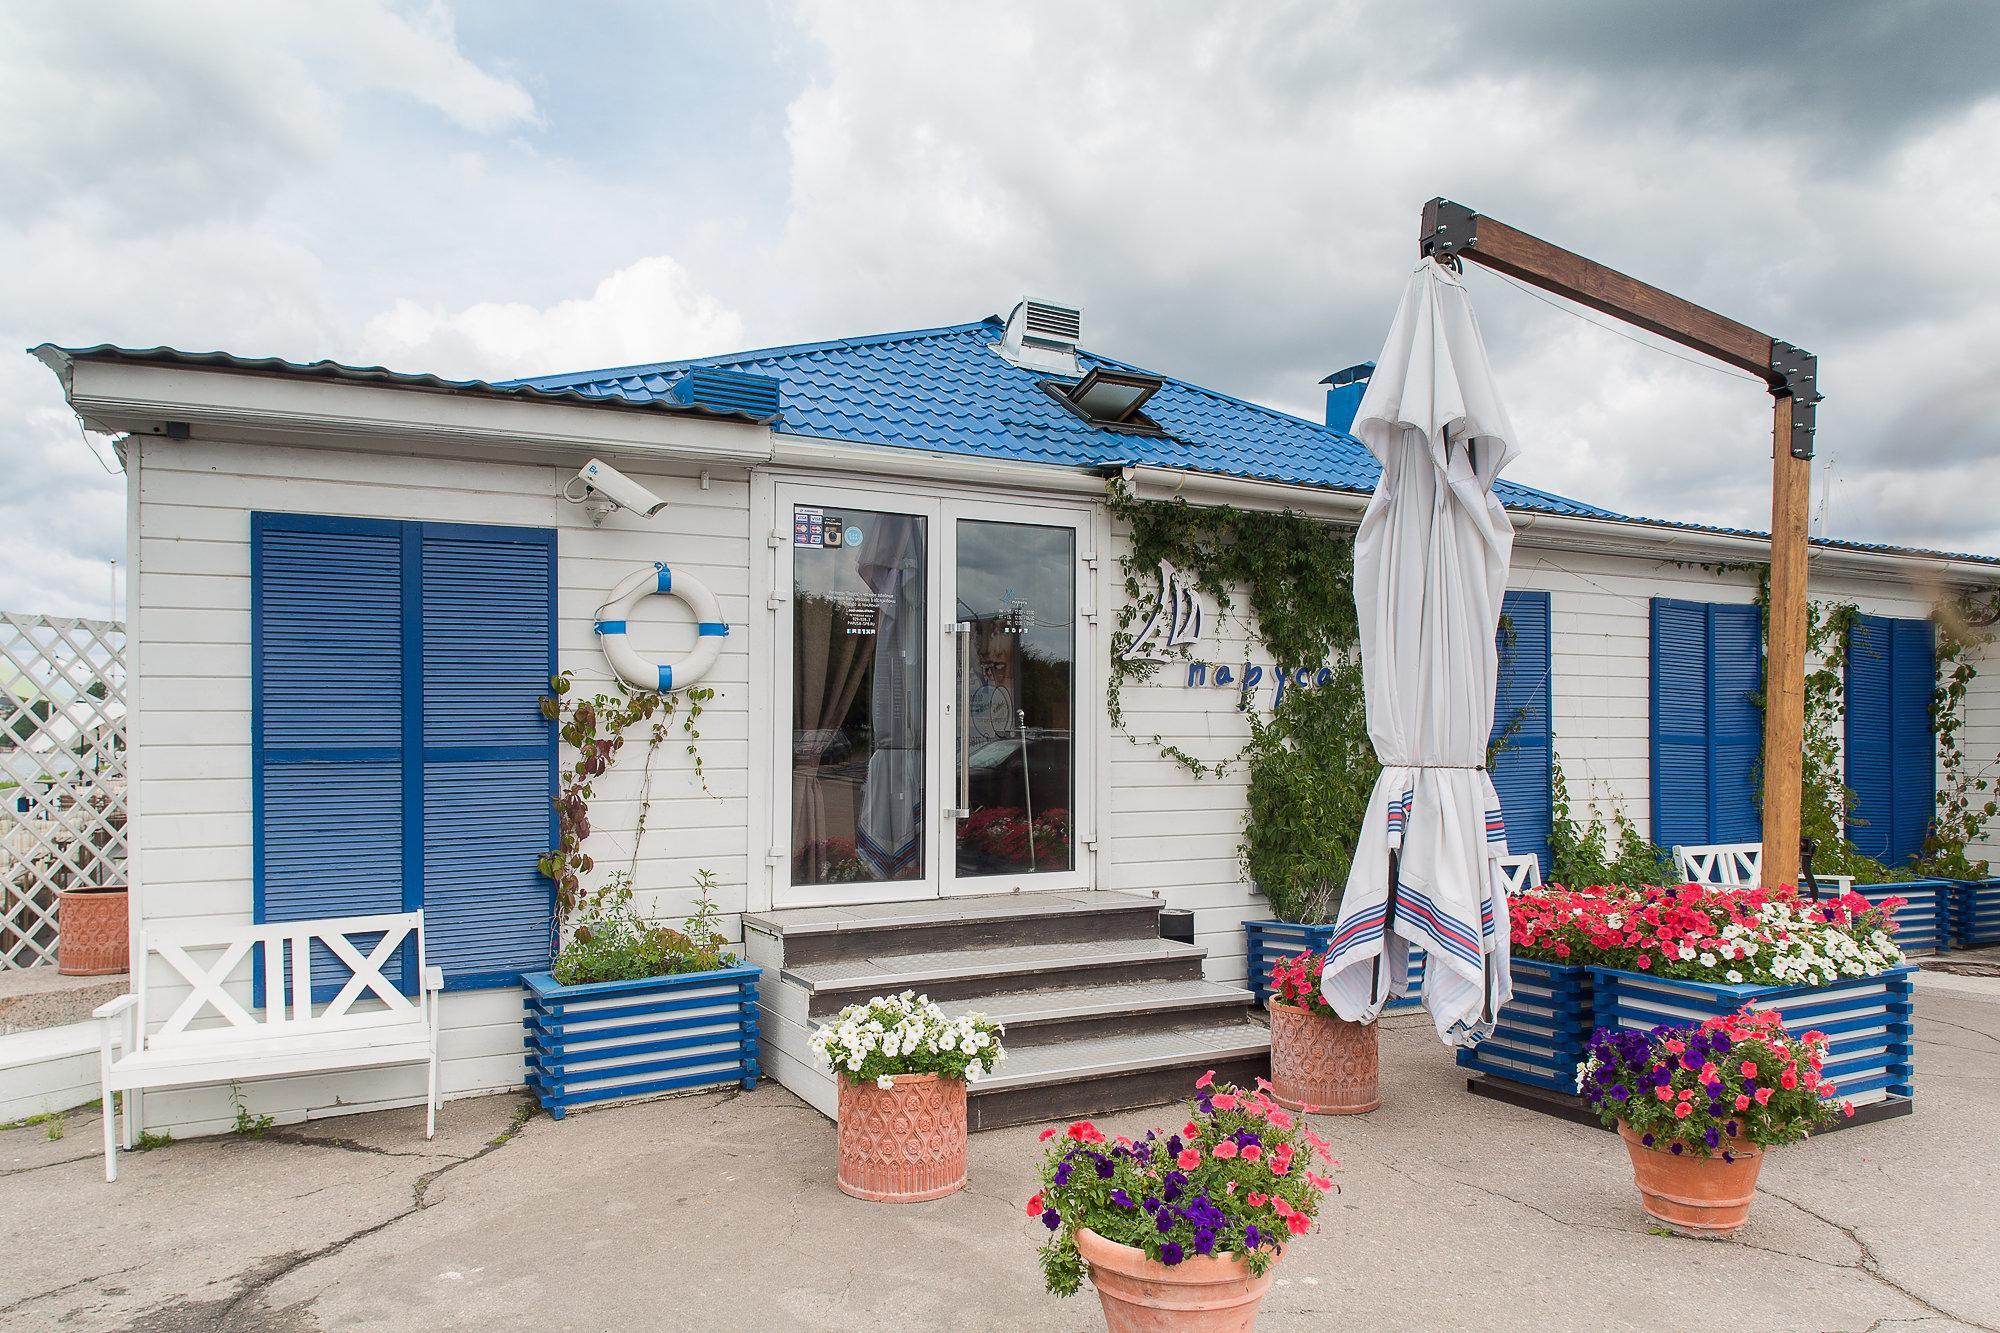 фотография Сеть ресторанов высокой кухни Паруса на Петровской косе